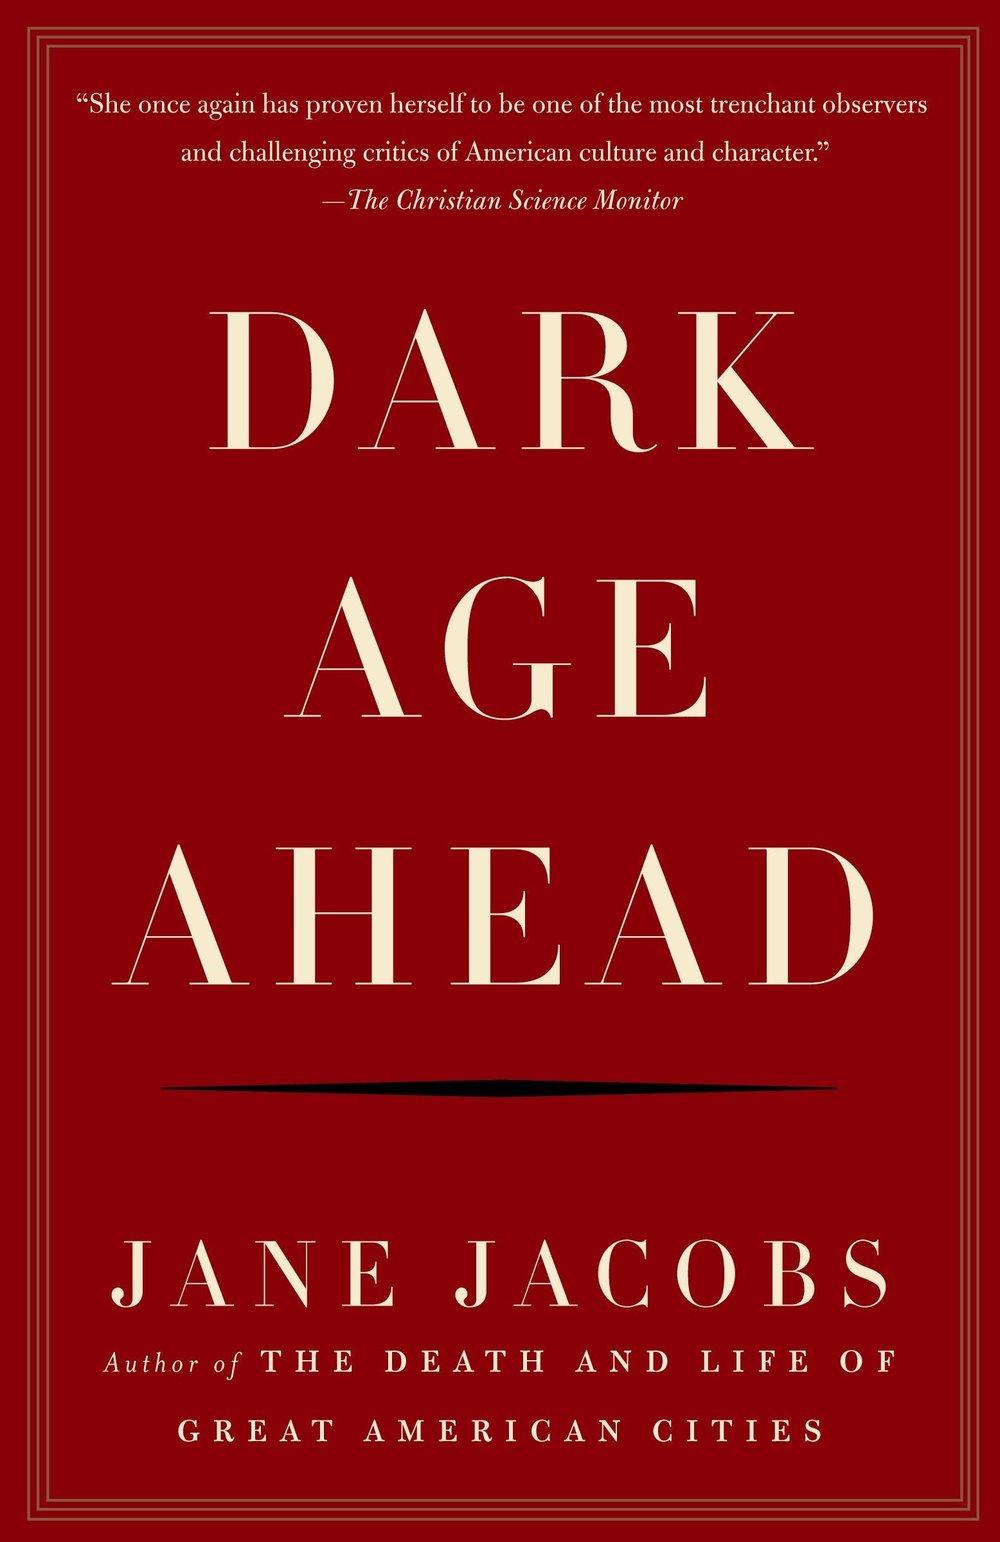 Dark Age Ahead by Jane Jacobs.jpg